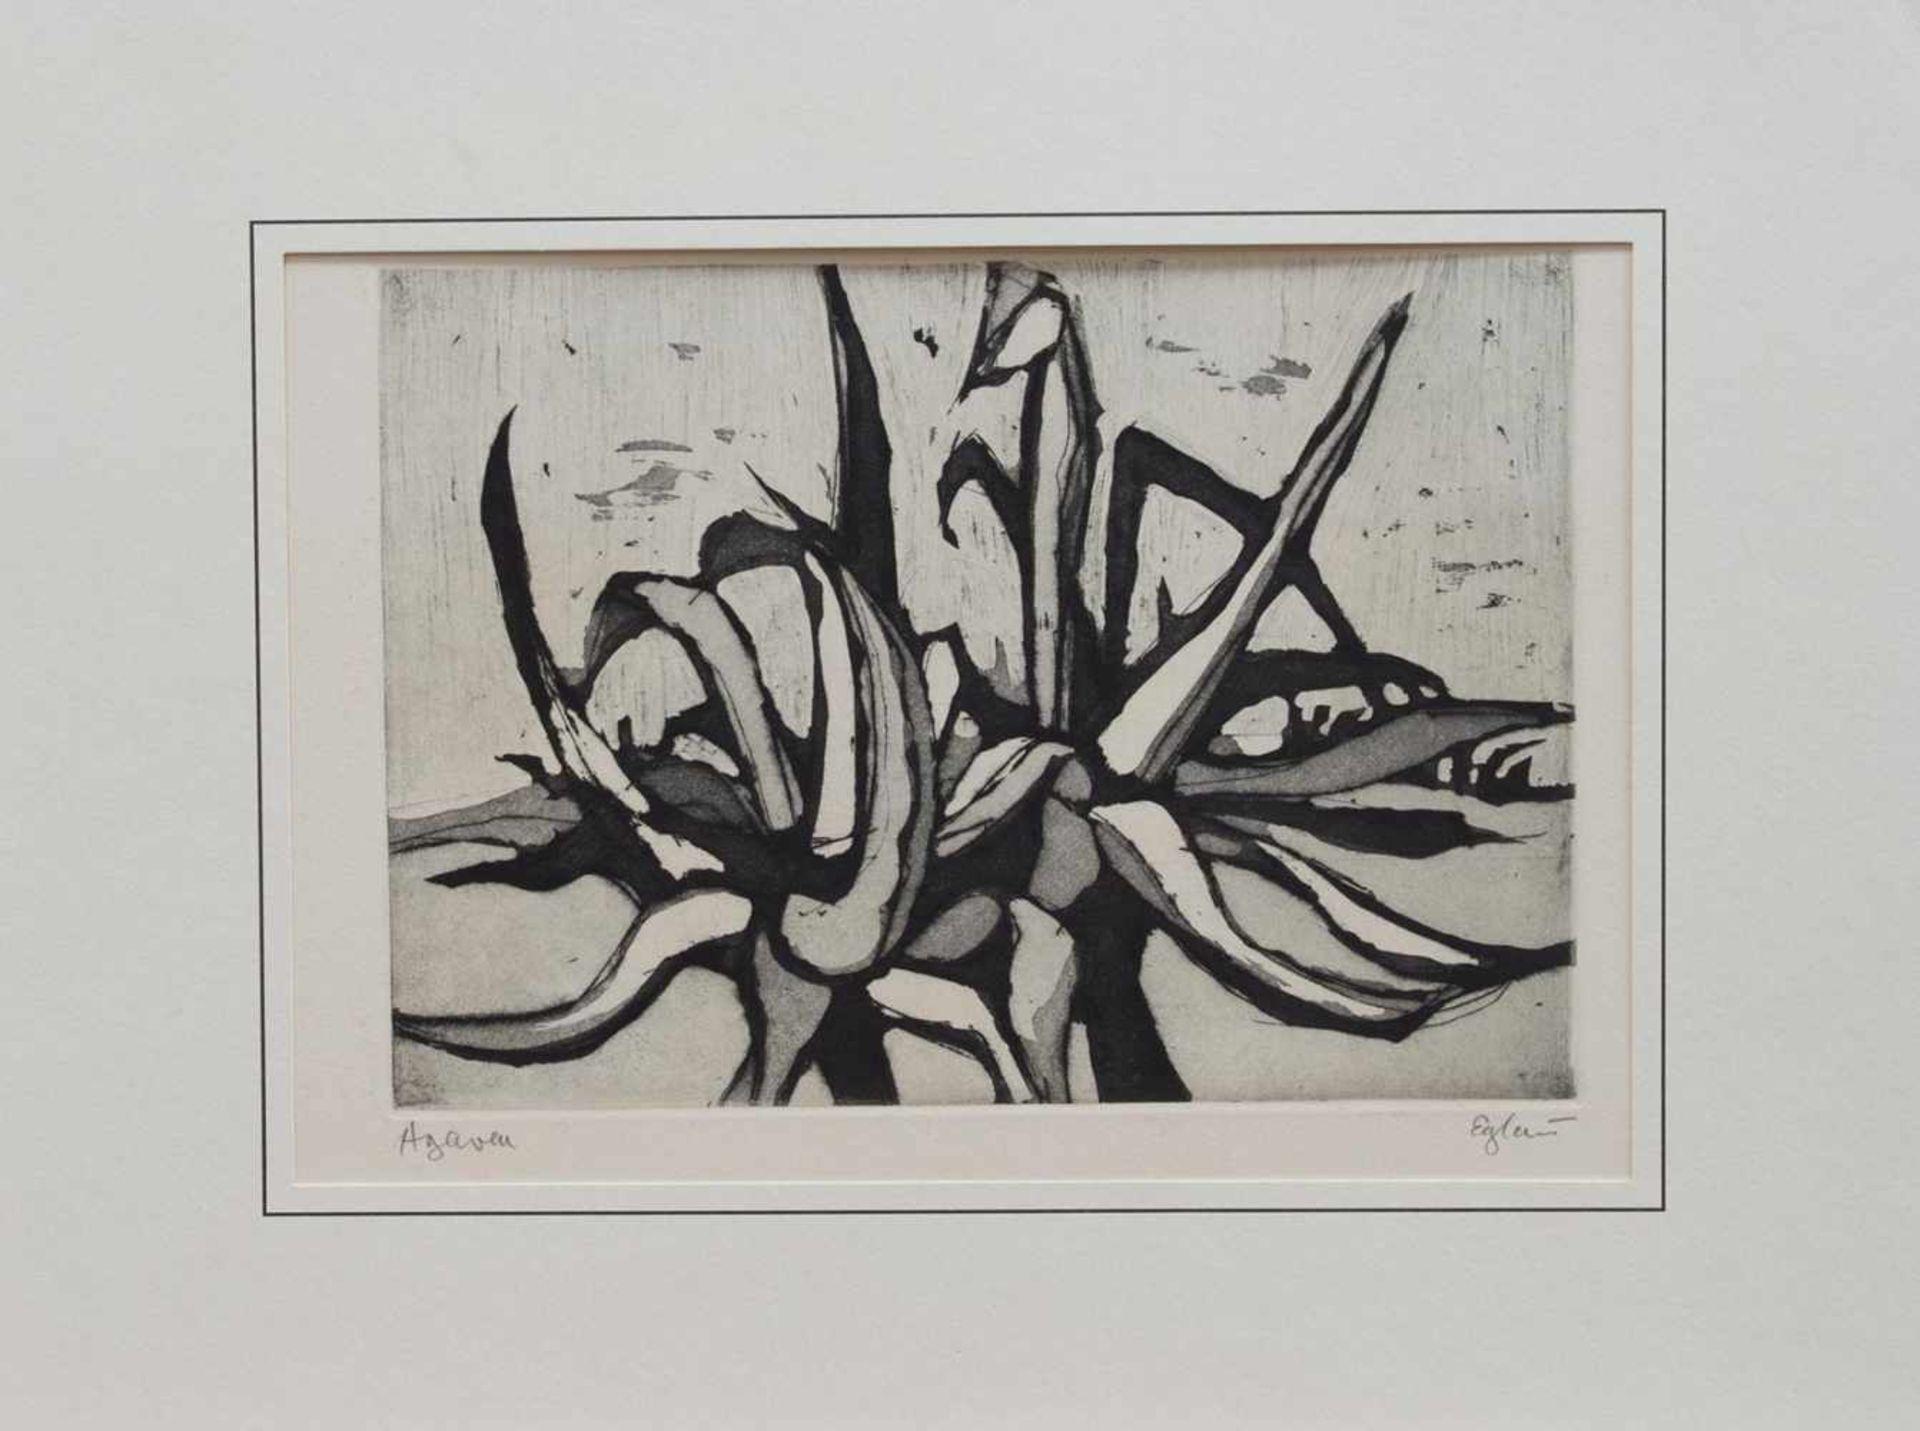 Los 11 - Otto Wilhelm Eglau (Berlin 1917 - 1988 Kampen, deutscher Maler u. Grafiker, Std. a.d. HS f. Bildende